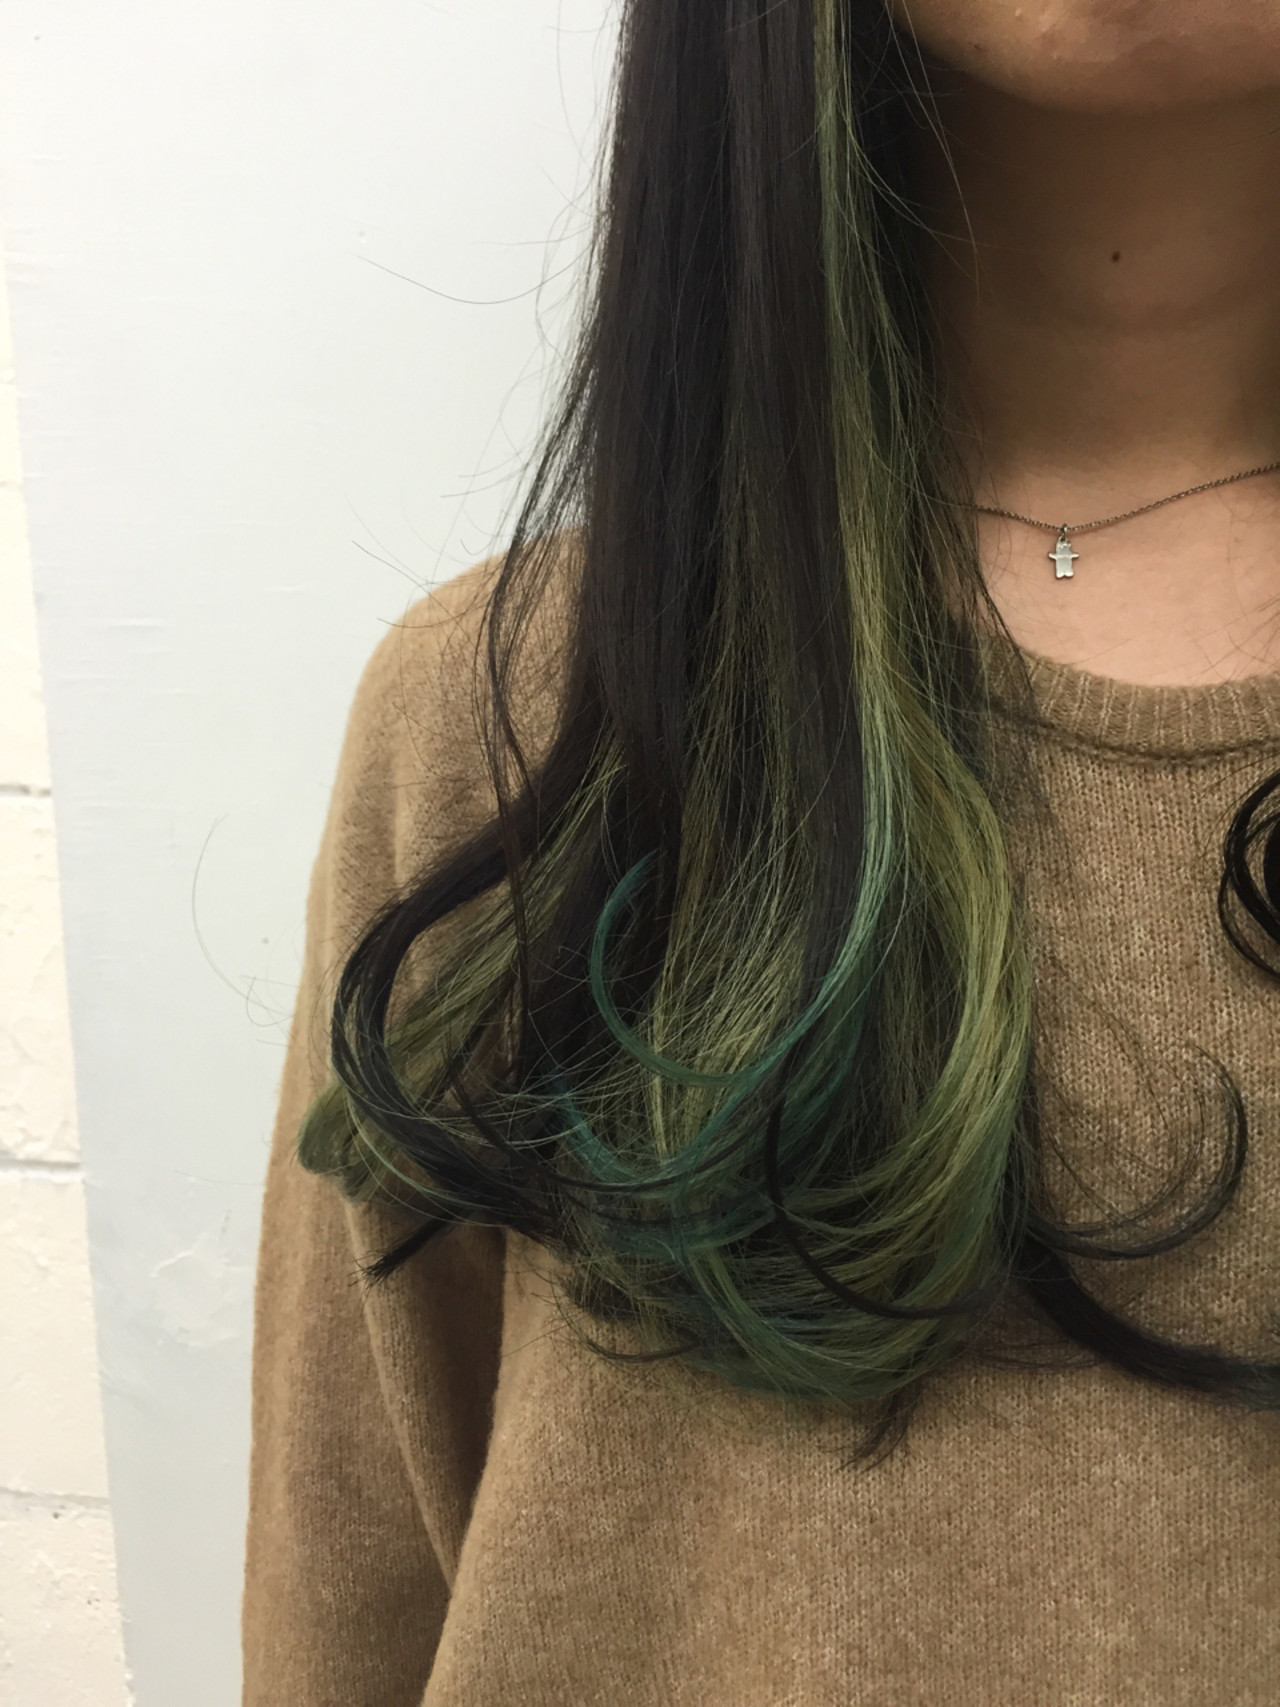 緑の髪色で作る透明感♡ナチュラル個性派髪色に挑戦したいアナタに♡の3枚目の画像